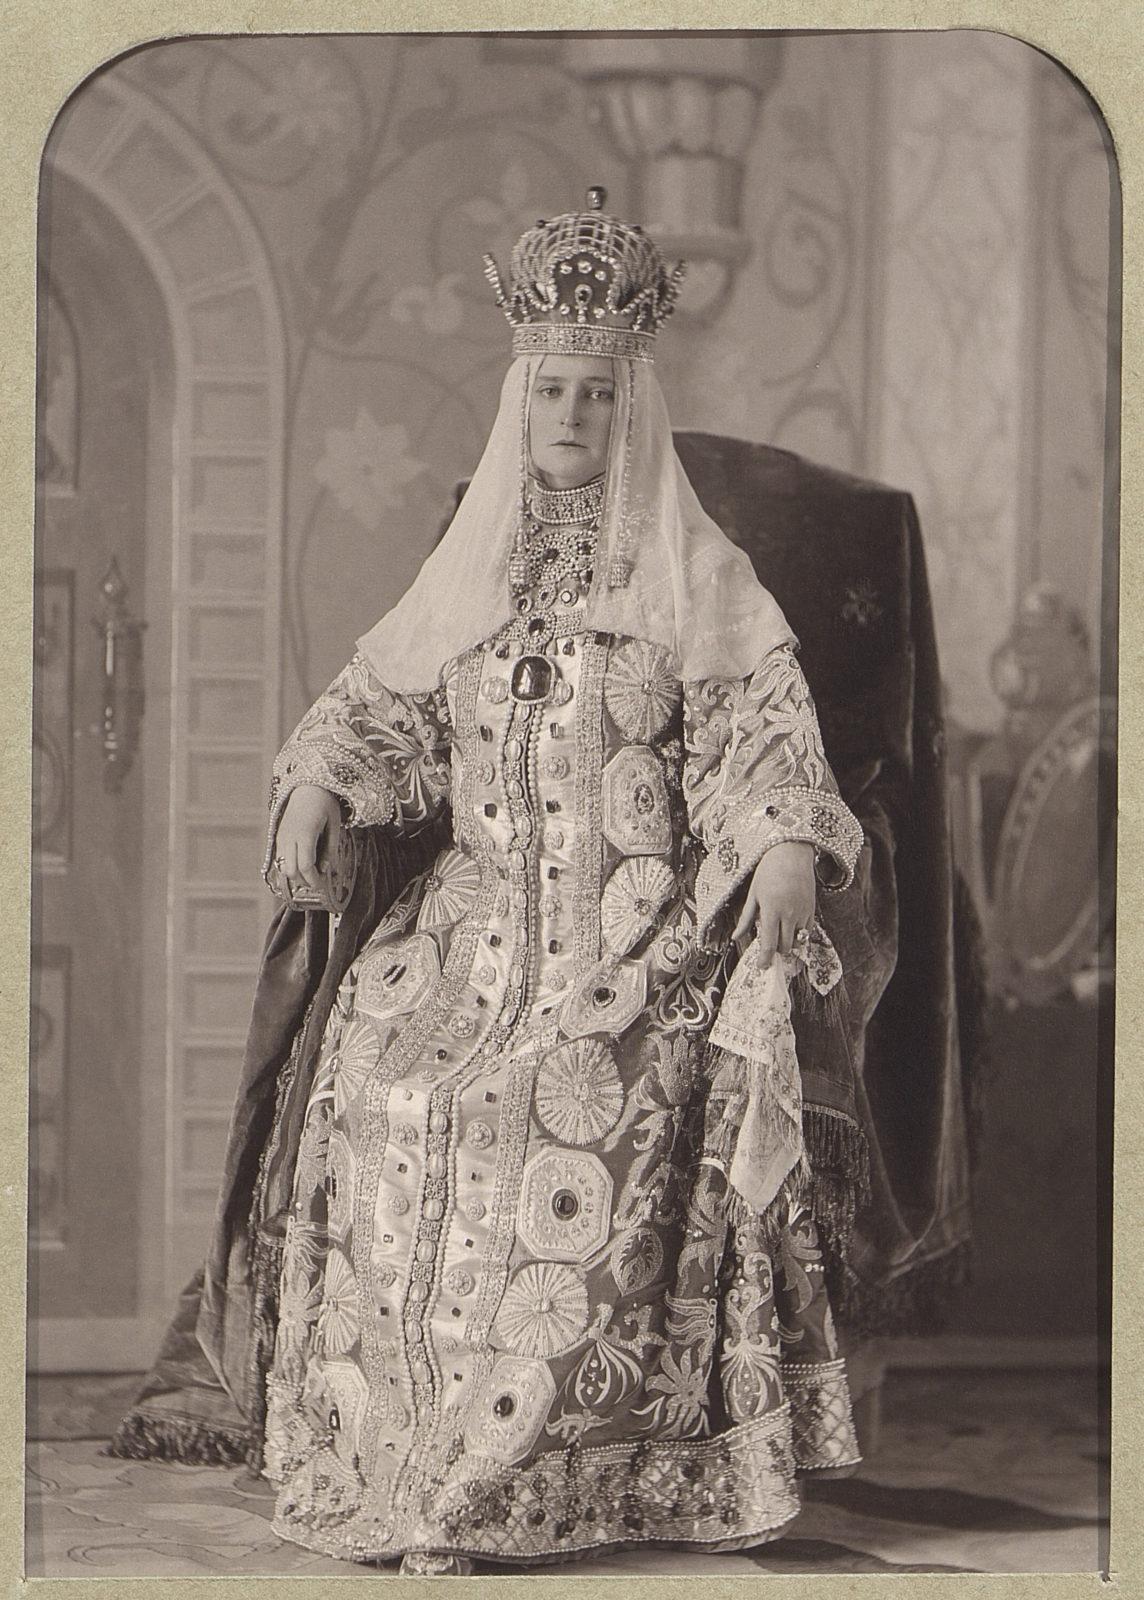 Александра Федоровна в костюме для бала в стиле времен Алексея Михайловича, 1903.